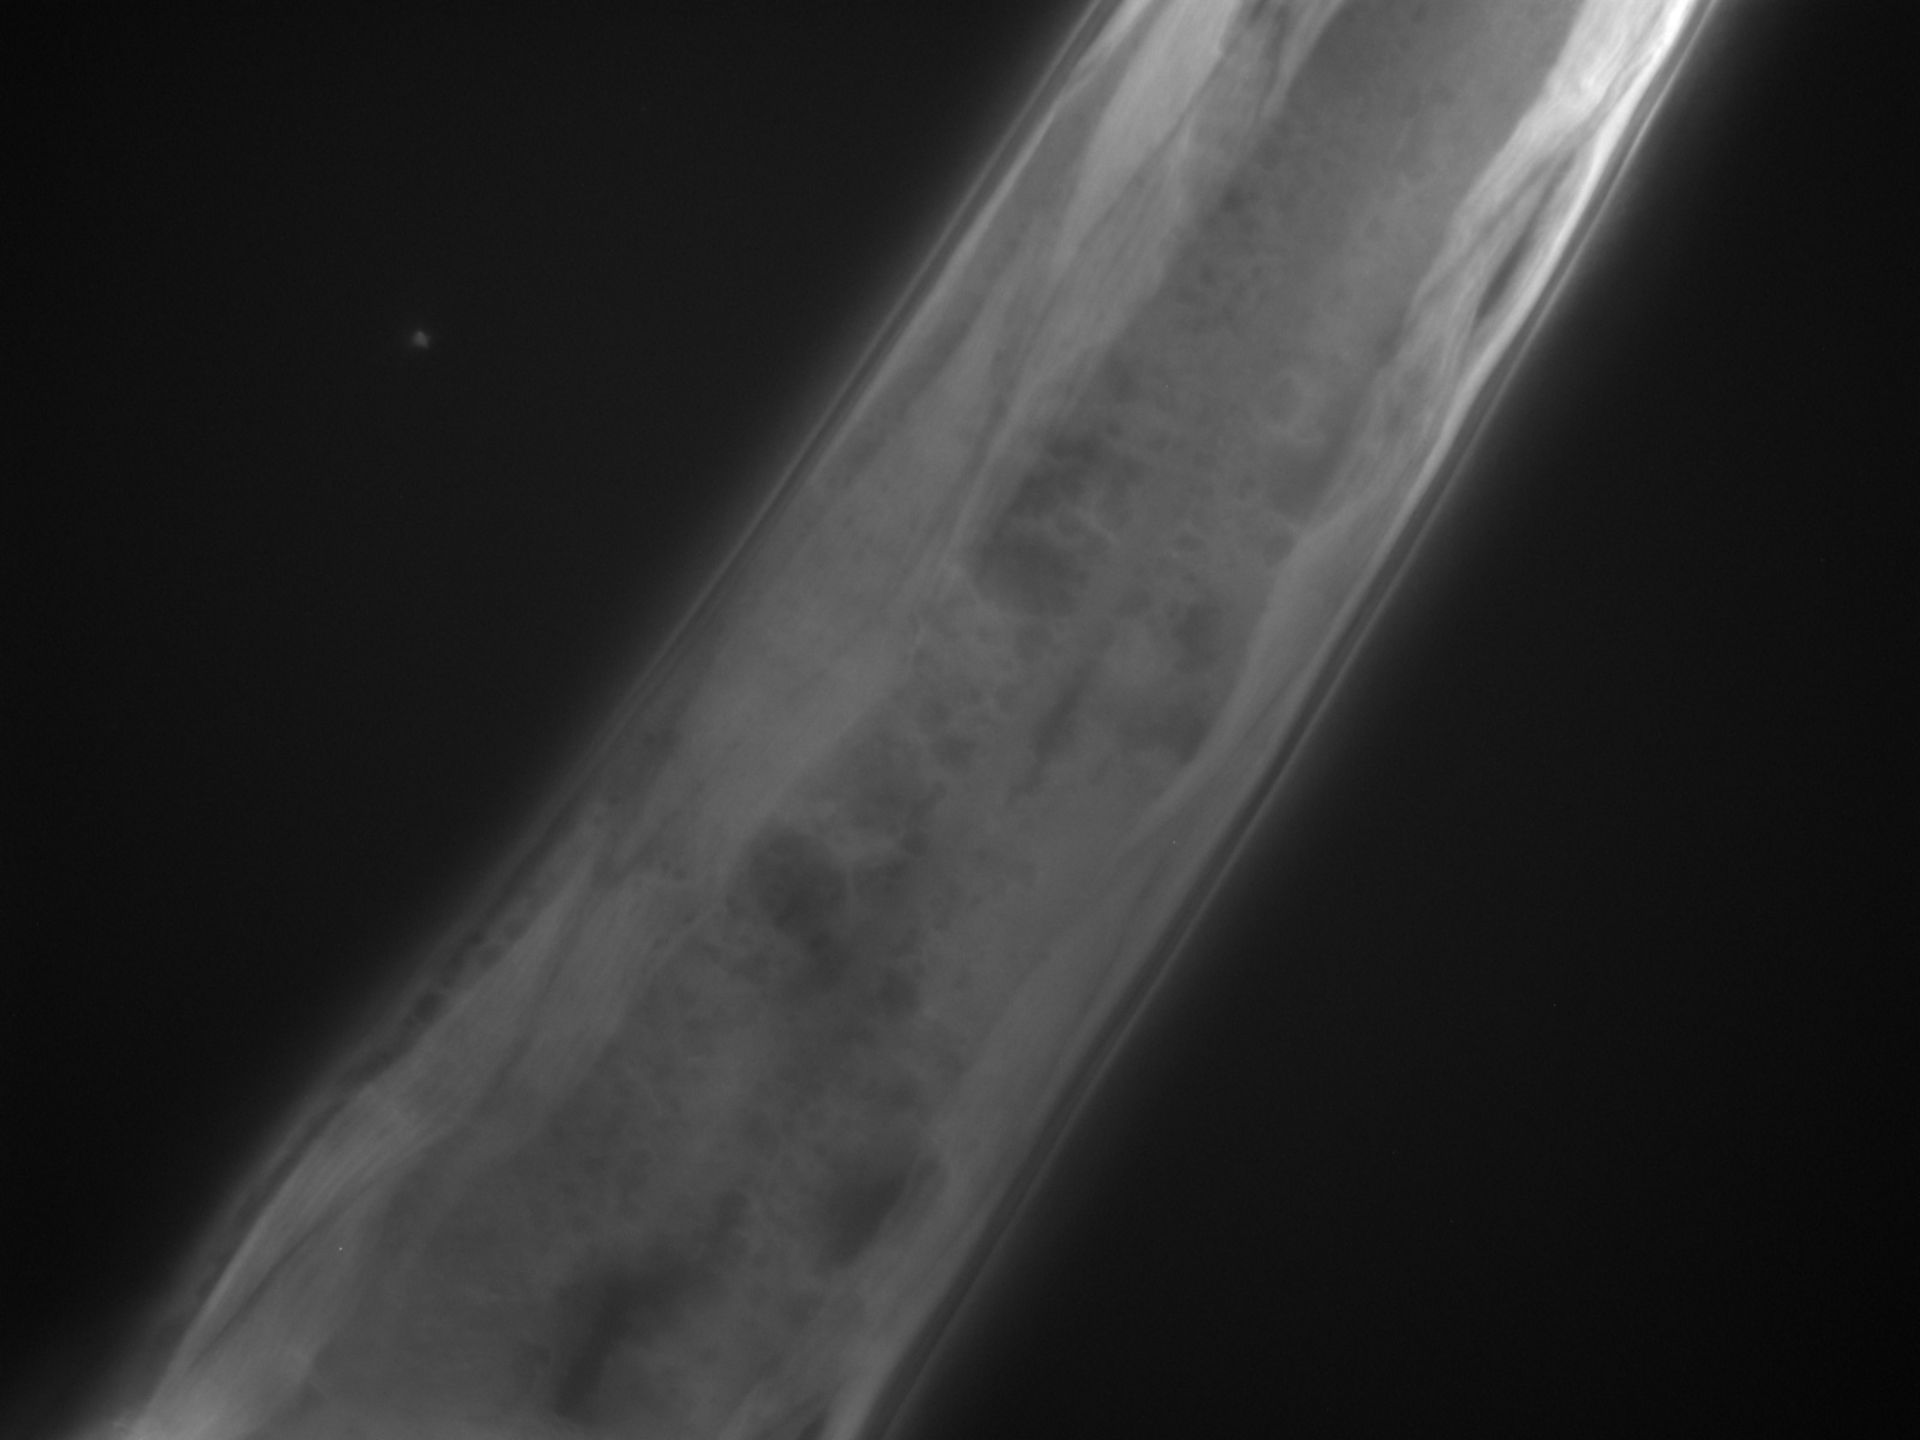 Caenorhabditis elegans (filamento di actina) - CIL:1302